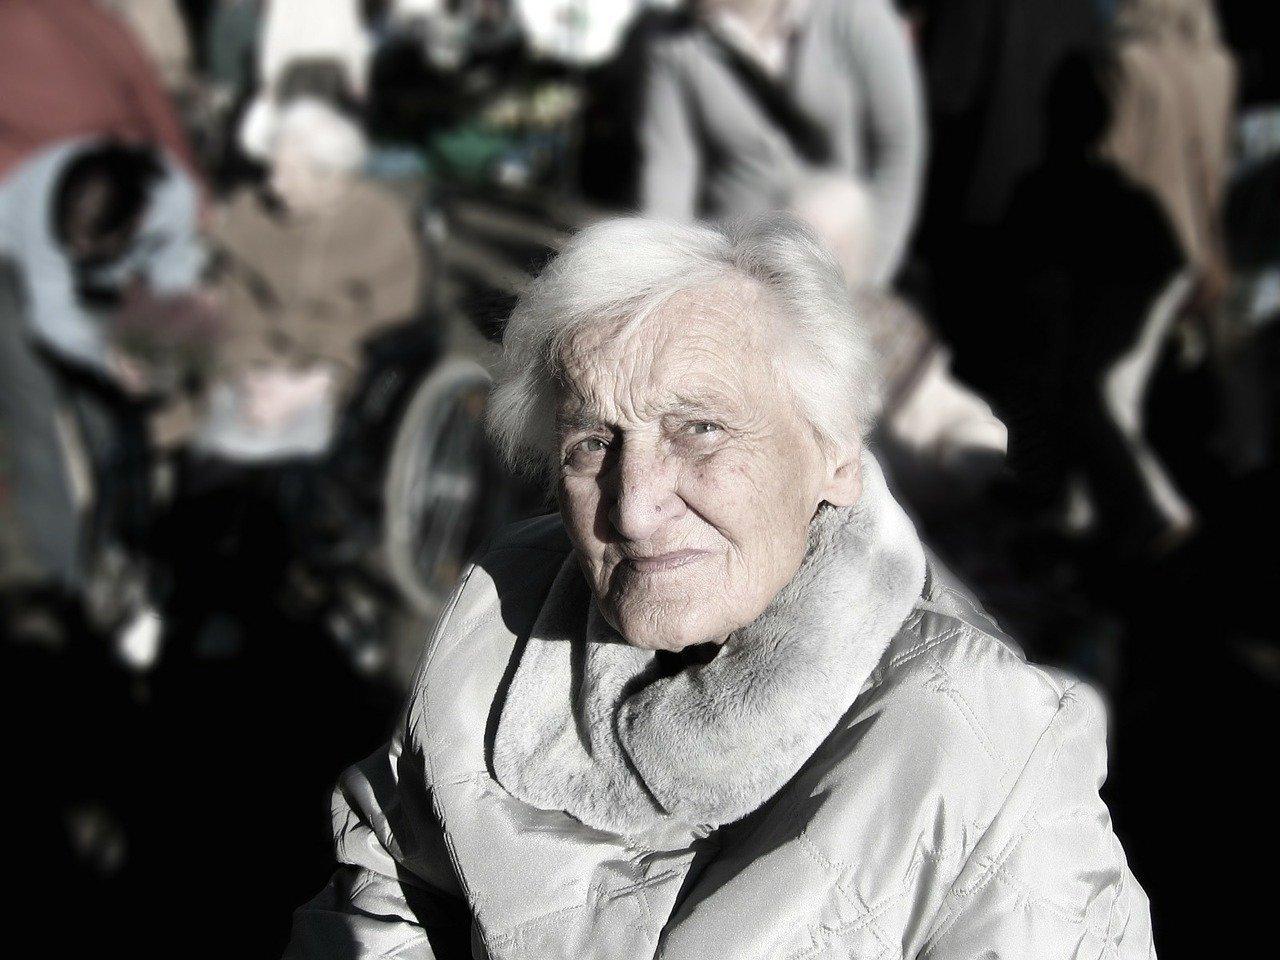 Une femme atteinte de démence. | Photo: Pixabay